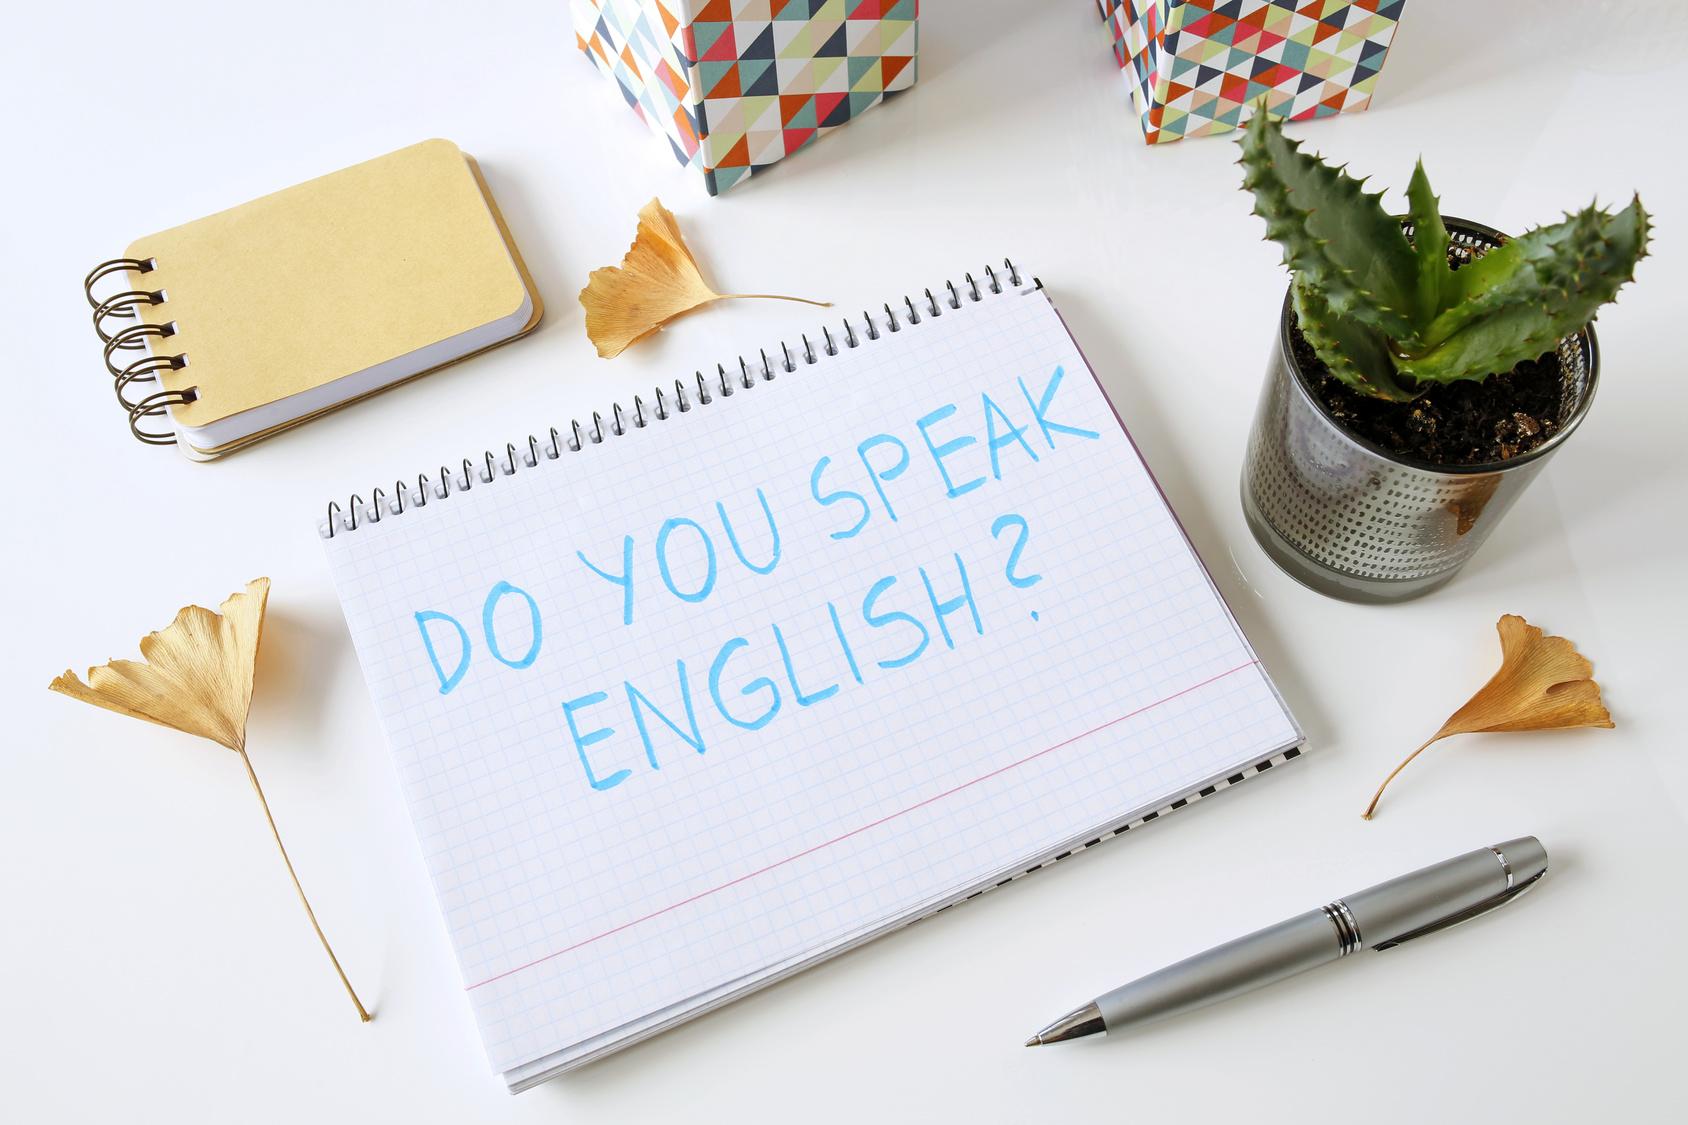 nauka języka, języki, język angielski, jak nauczyć się angielskiego, podróż, wyjazd, wymiana walut, Ekantor.pl